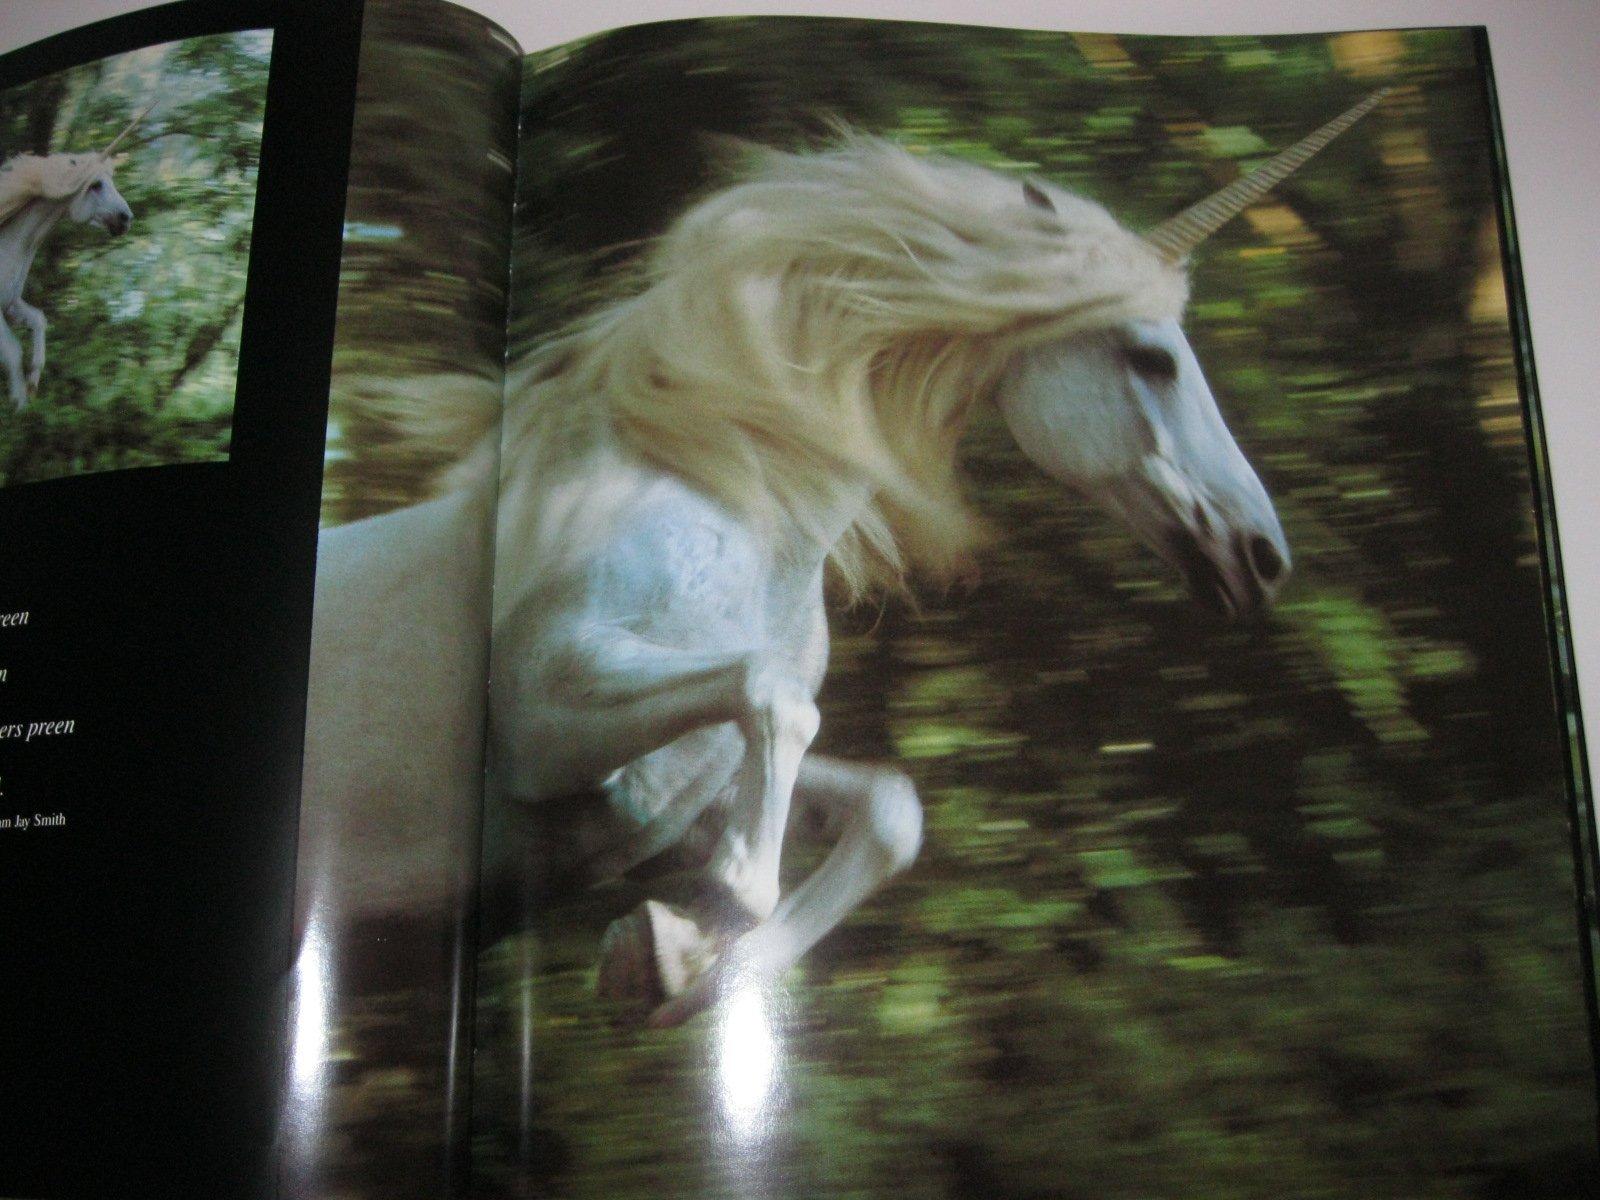 Amazon com: Unicorns I Have Known (9780688022037): Robert Vavra: Books